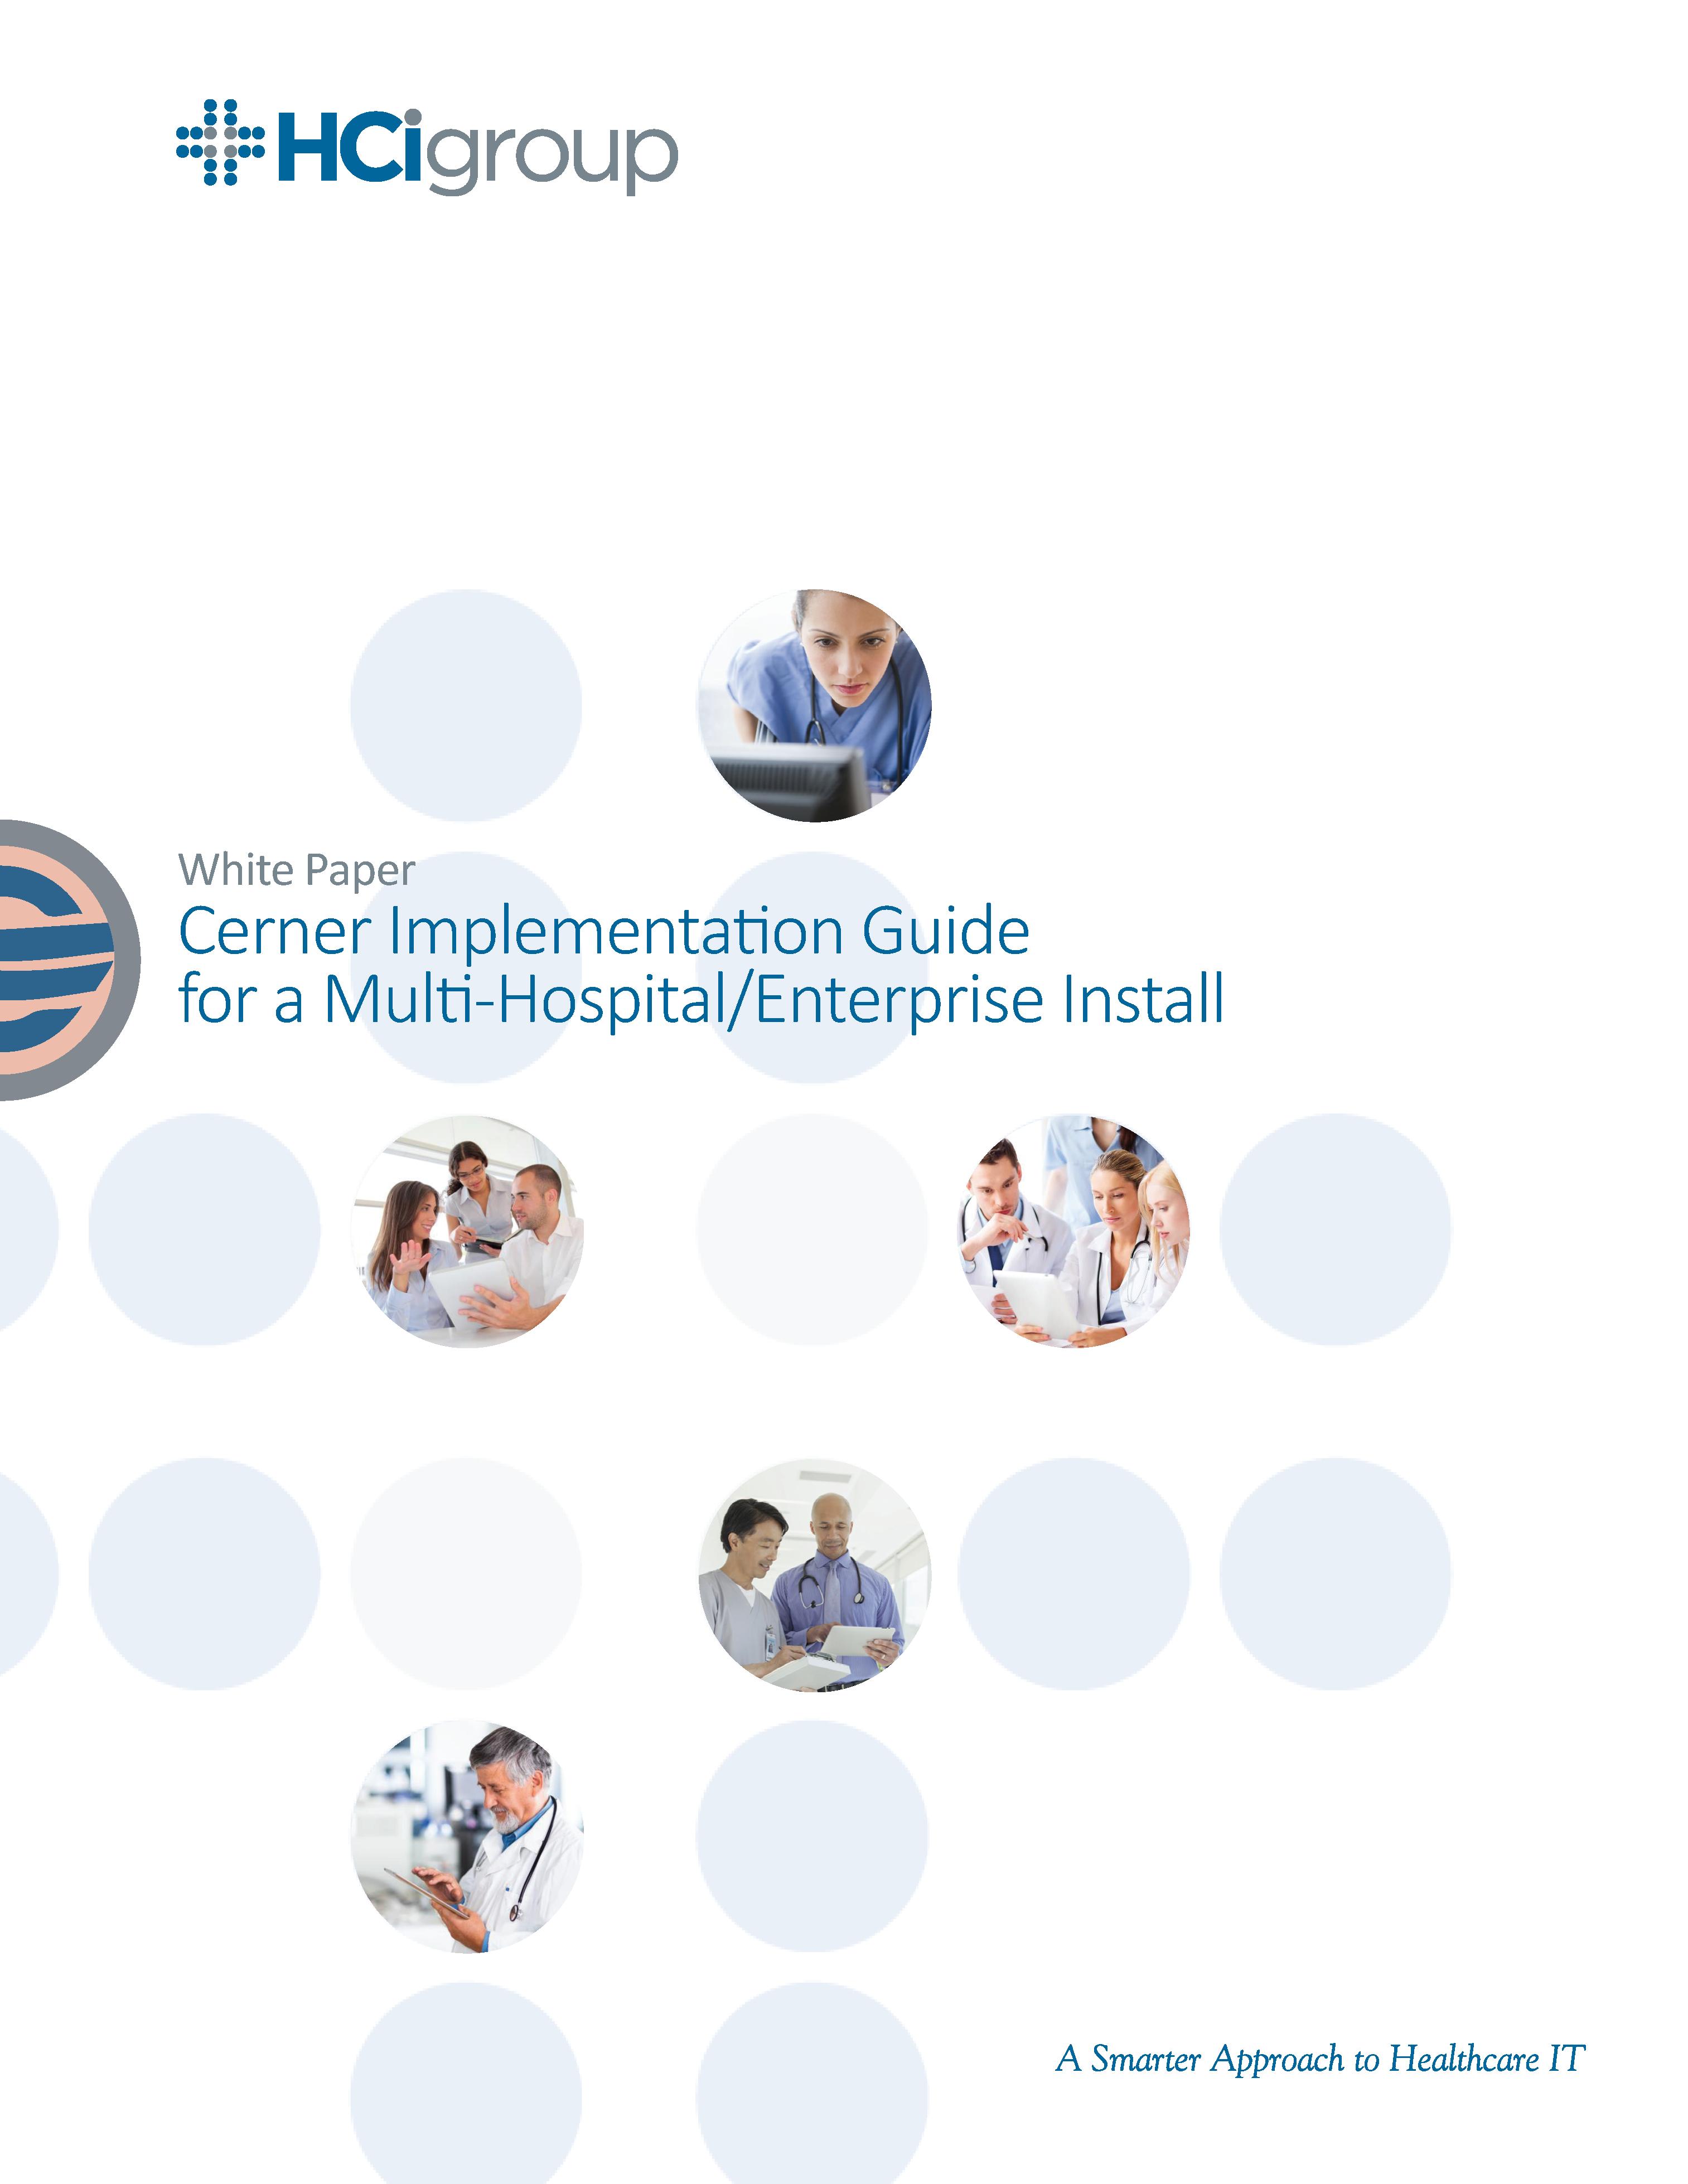 The HCI Group | Cerner Implementation Guide for a Multi-Hospital/Enterprise Install